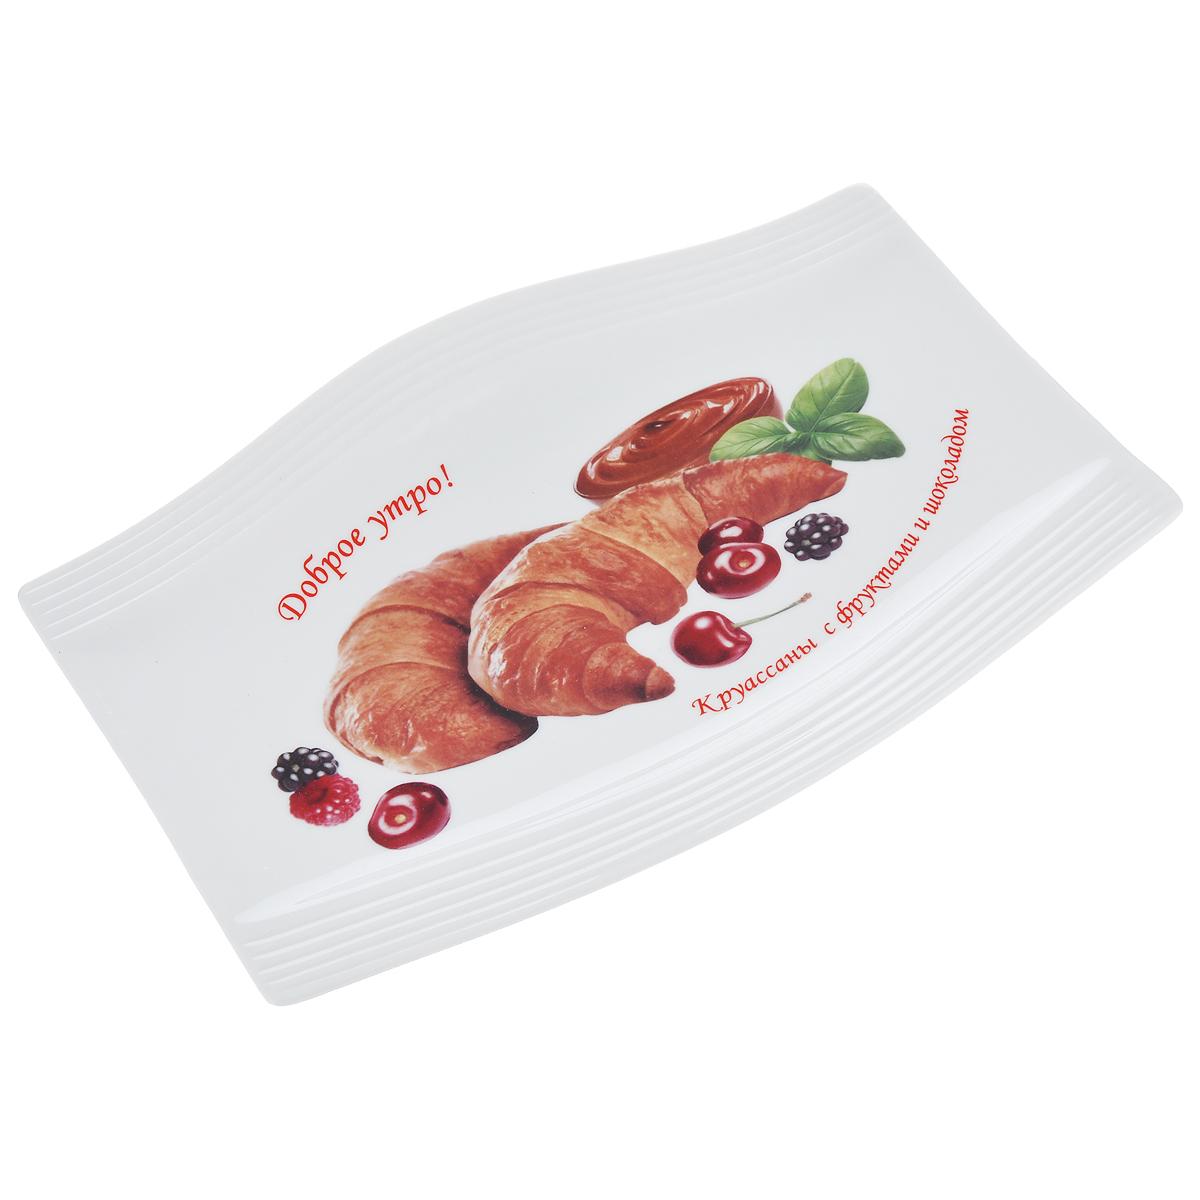 Блюдо LarangE Круассаны с фруктами и шоколадом, 25 х 17,5 см589-320Блюдо LarangE Круассаны с фруктами и шоколадом изготовлено из прочного высококачественного фарфора. Изделие украшено изображением сырников. Пусть ваше утро начинается с незабываемого завтрака! Можно использовать в СВЧ печах, духовом шкафу и холодильнике. Не применять абразивные чистящие вещества. Размер блюда: 25 см х 17,5 см. Высота блюда: 2 см.